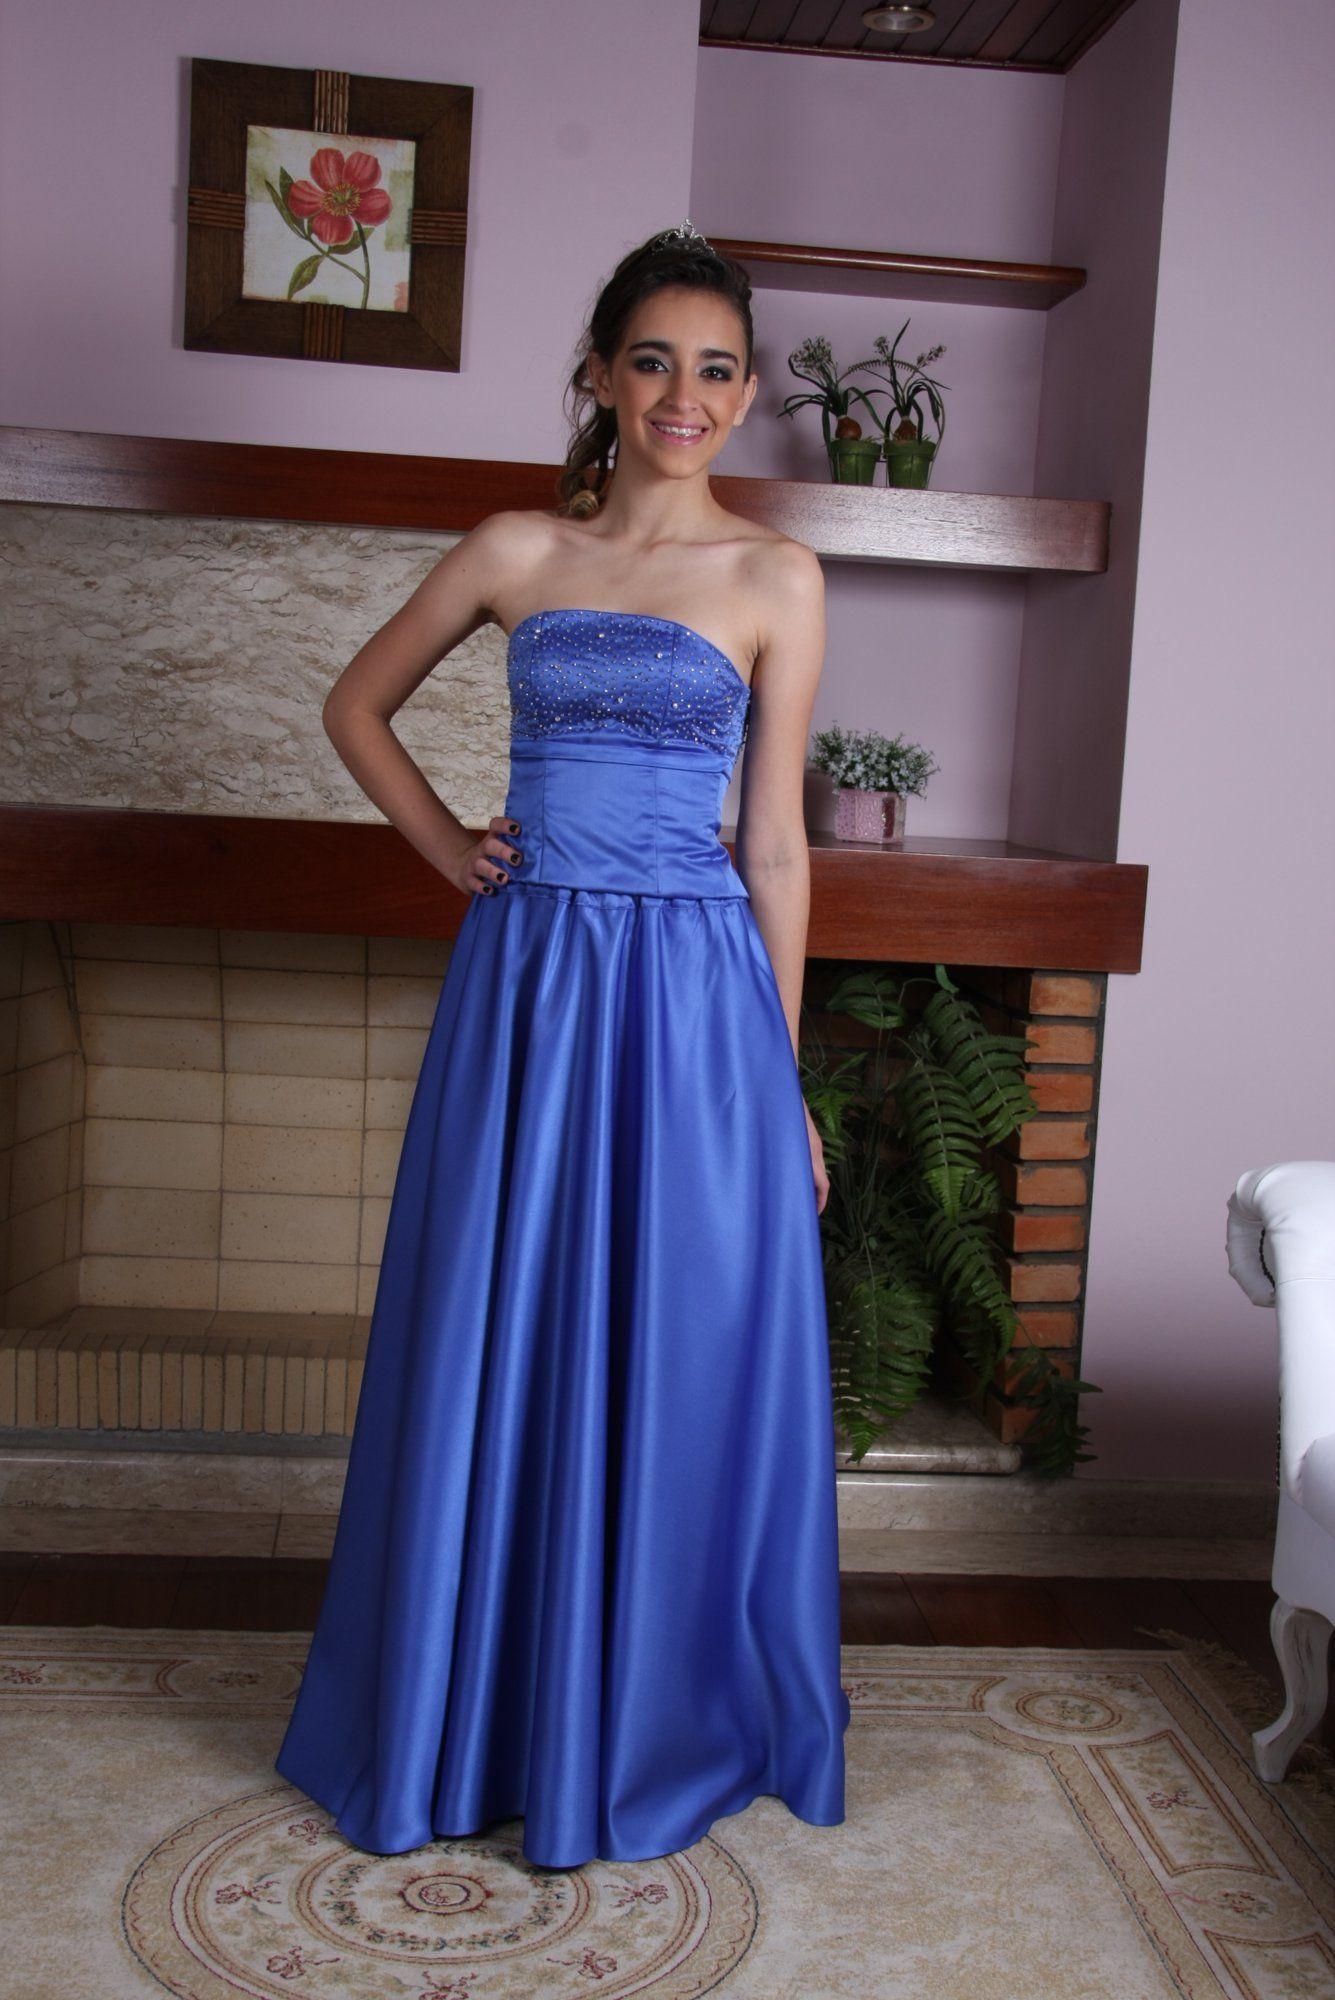 Vestido de Debutante Azul - 5 - Hipnose Alta Costura e Spa para Noivas e Noivos - Campinas - SP Vestido de Debutante, Vestido de Debutante Azul, Hipnose Alta Costura